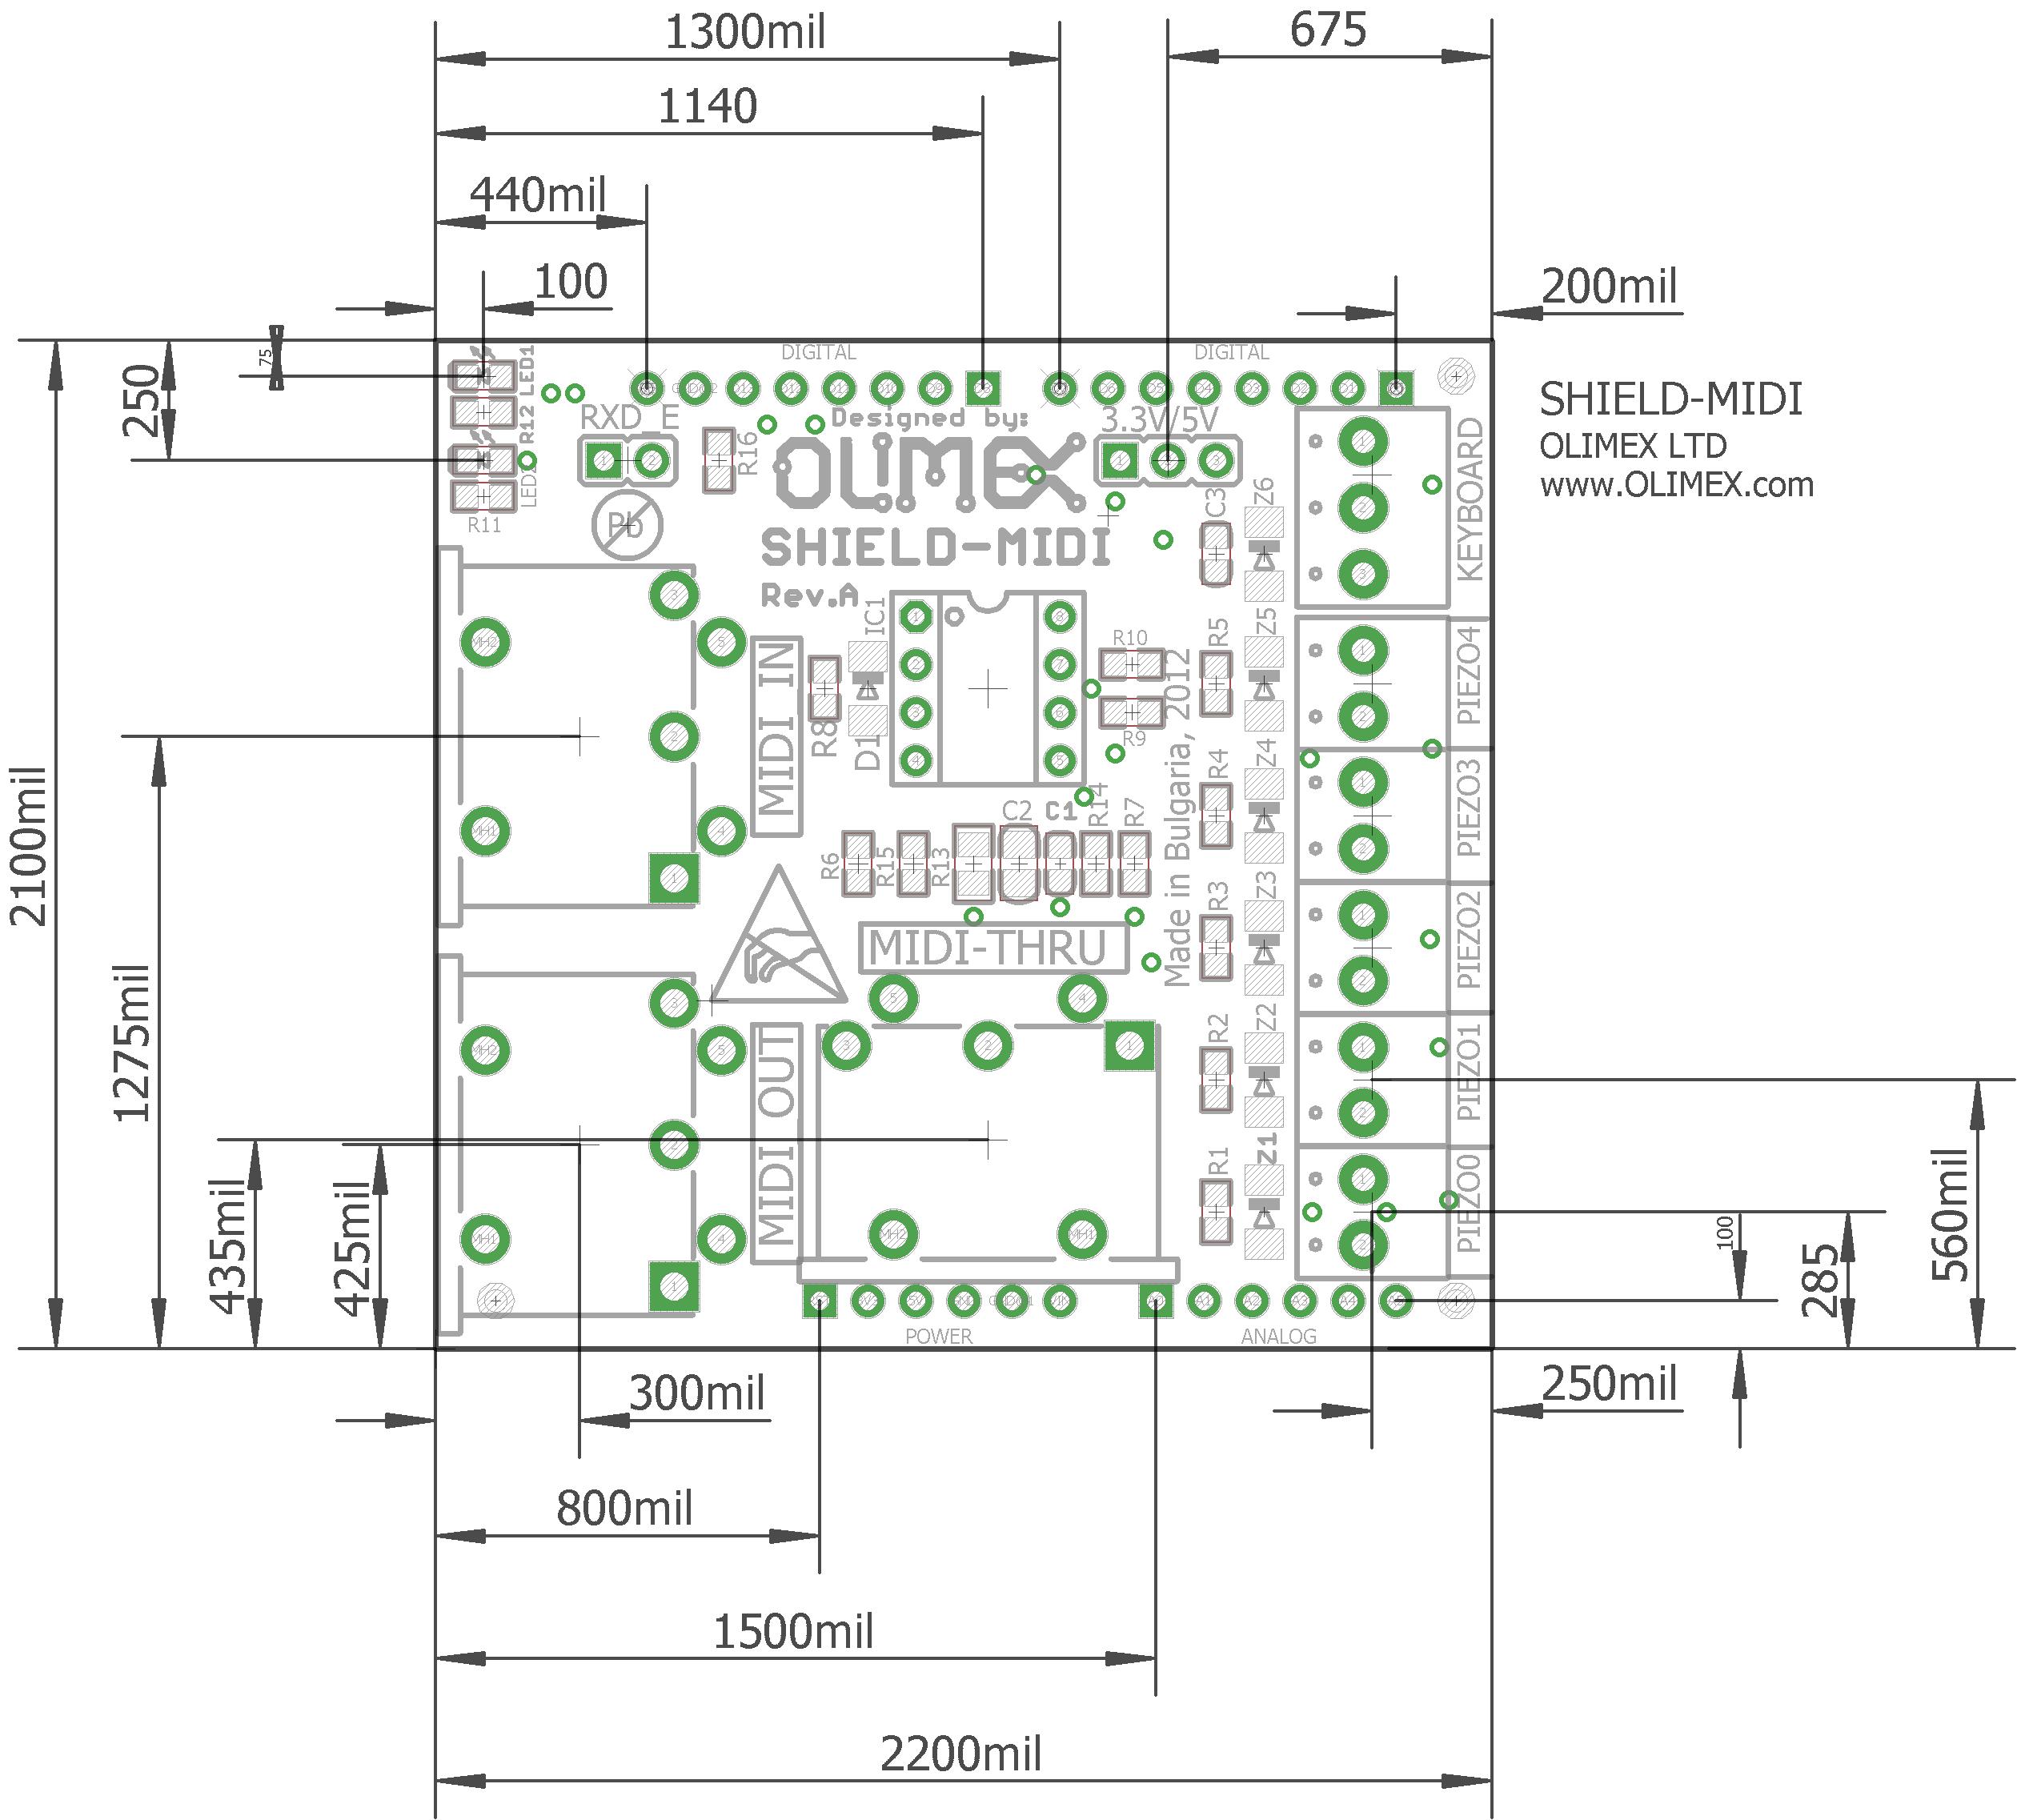 SHIELD-MIDI - Open Source Hardware Board